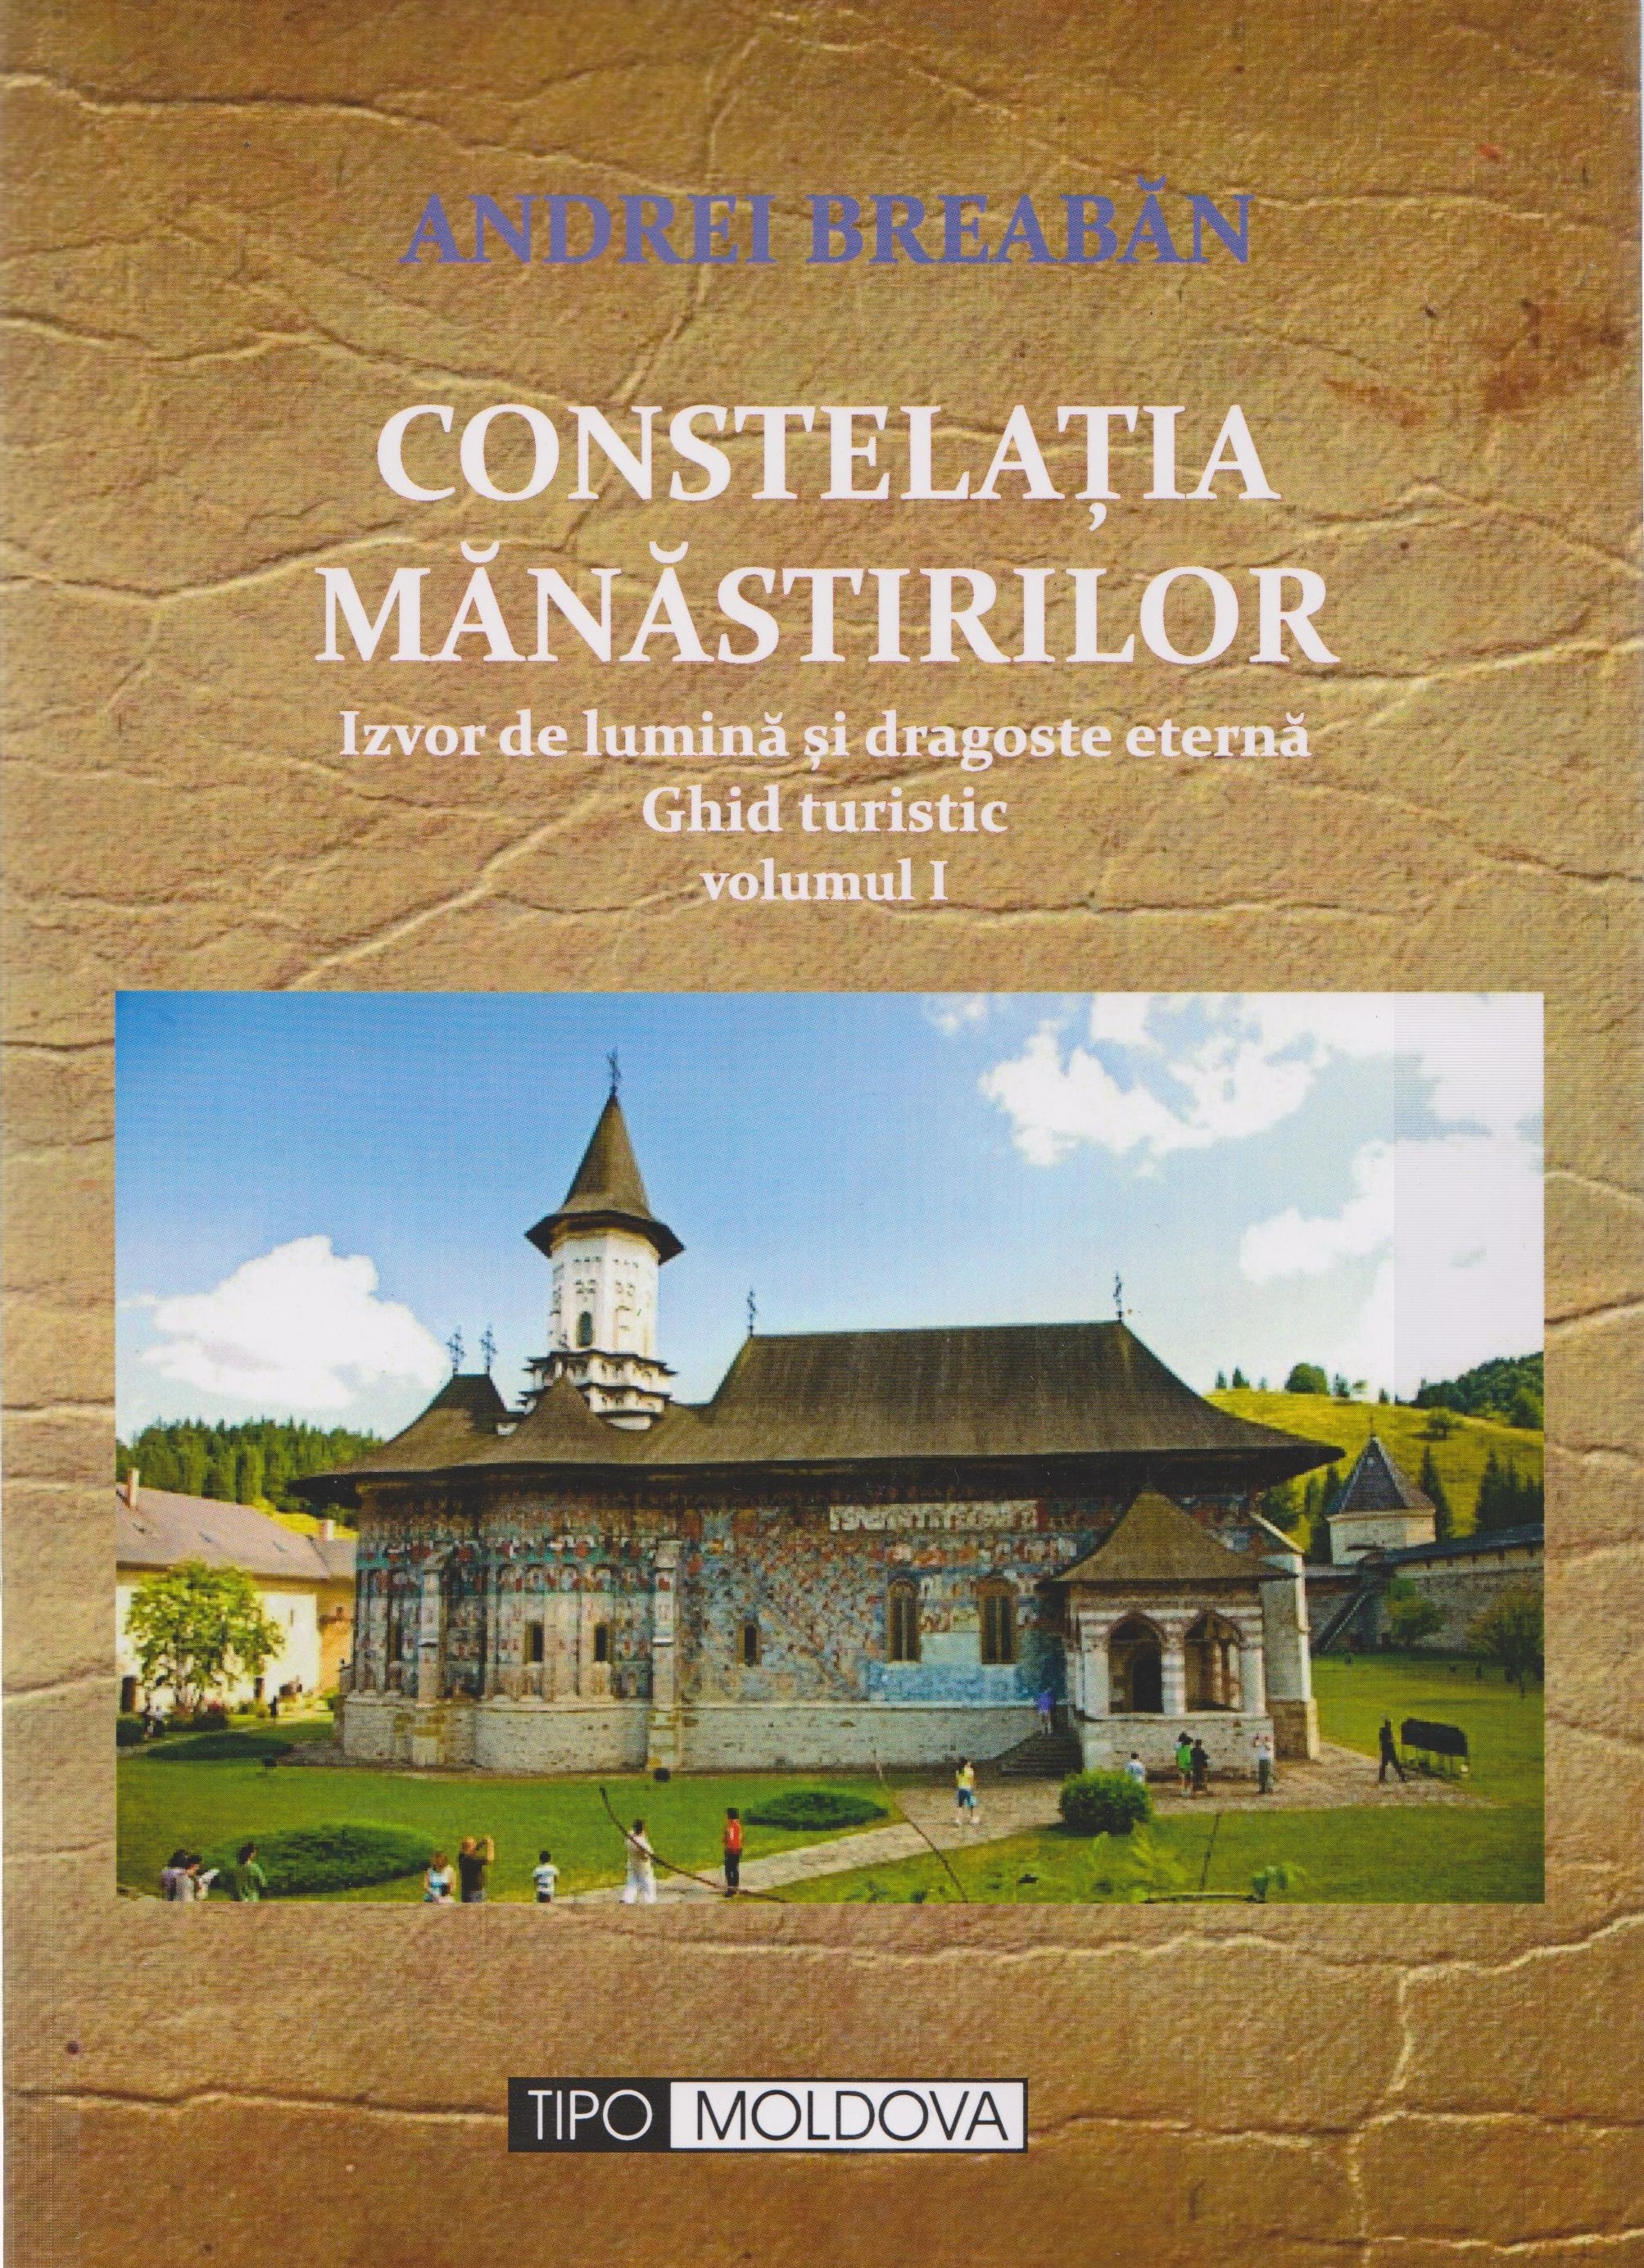 Constelatia manastirilor - Volumul I